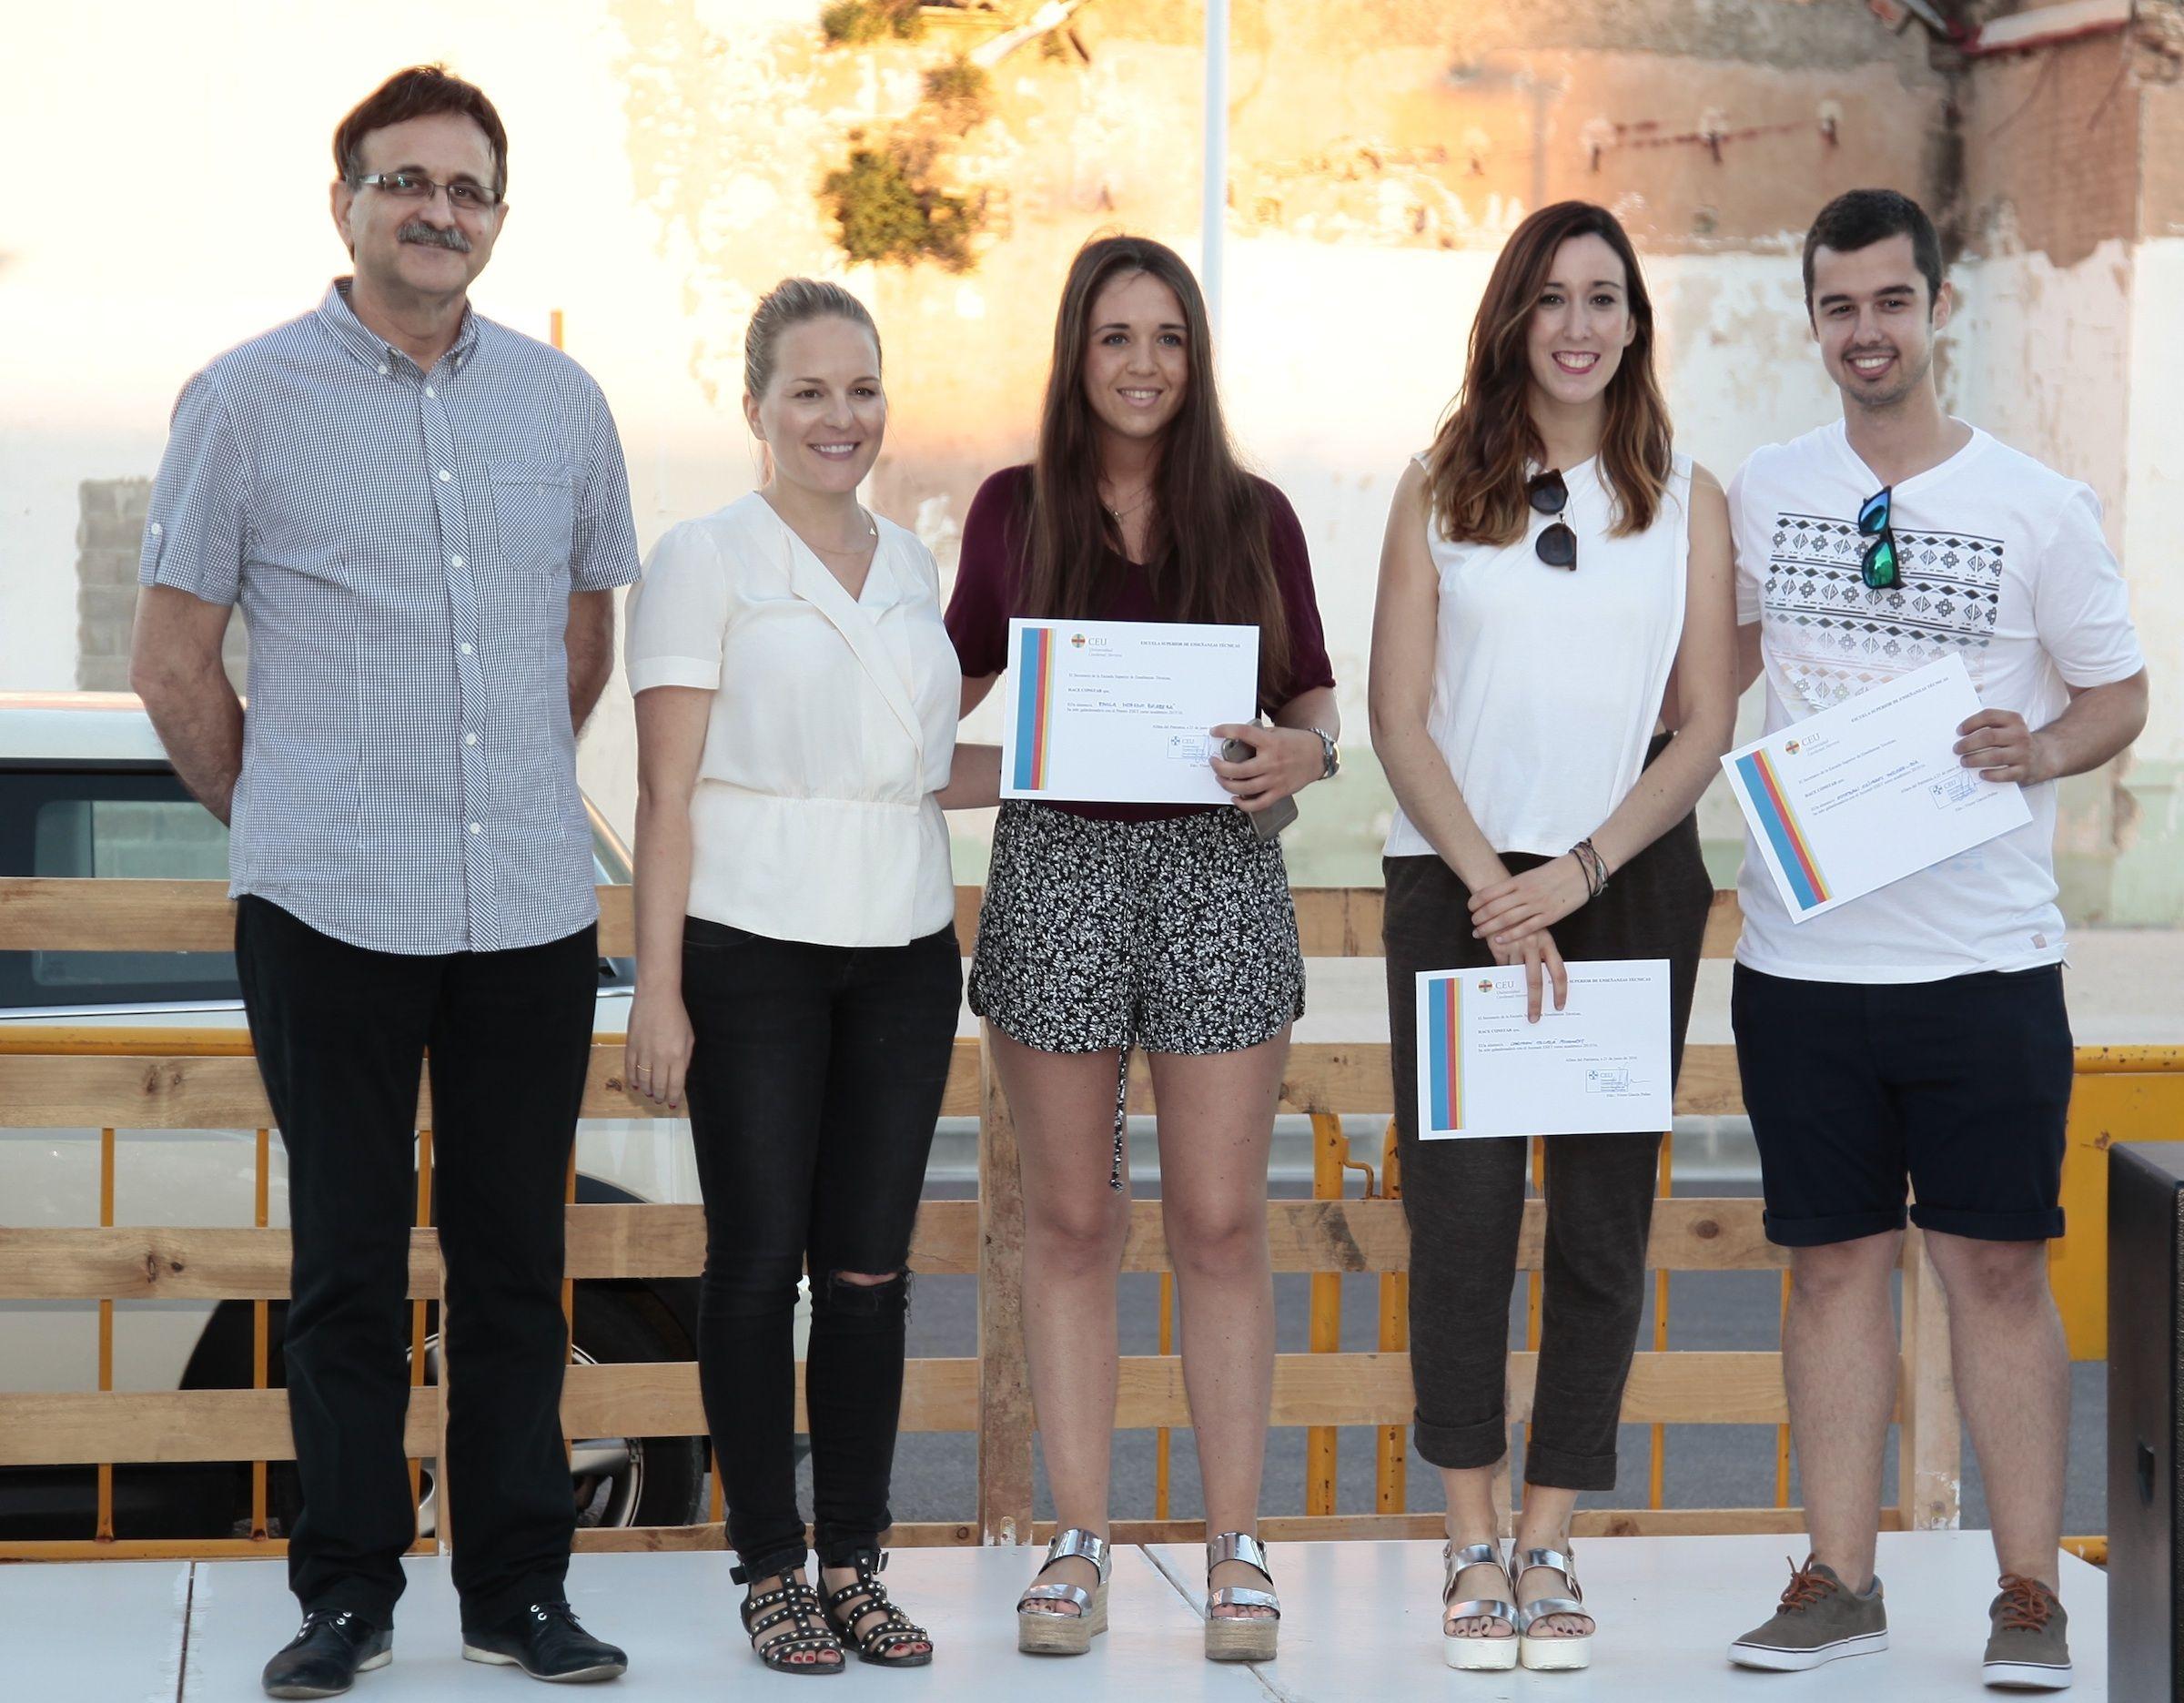 Los diseñadores Vicente Gallega y Enma Laurín, junto a los alumnos de la ESET premiados.